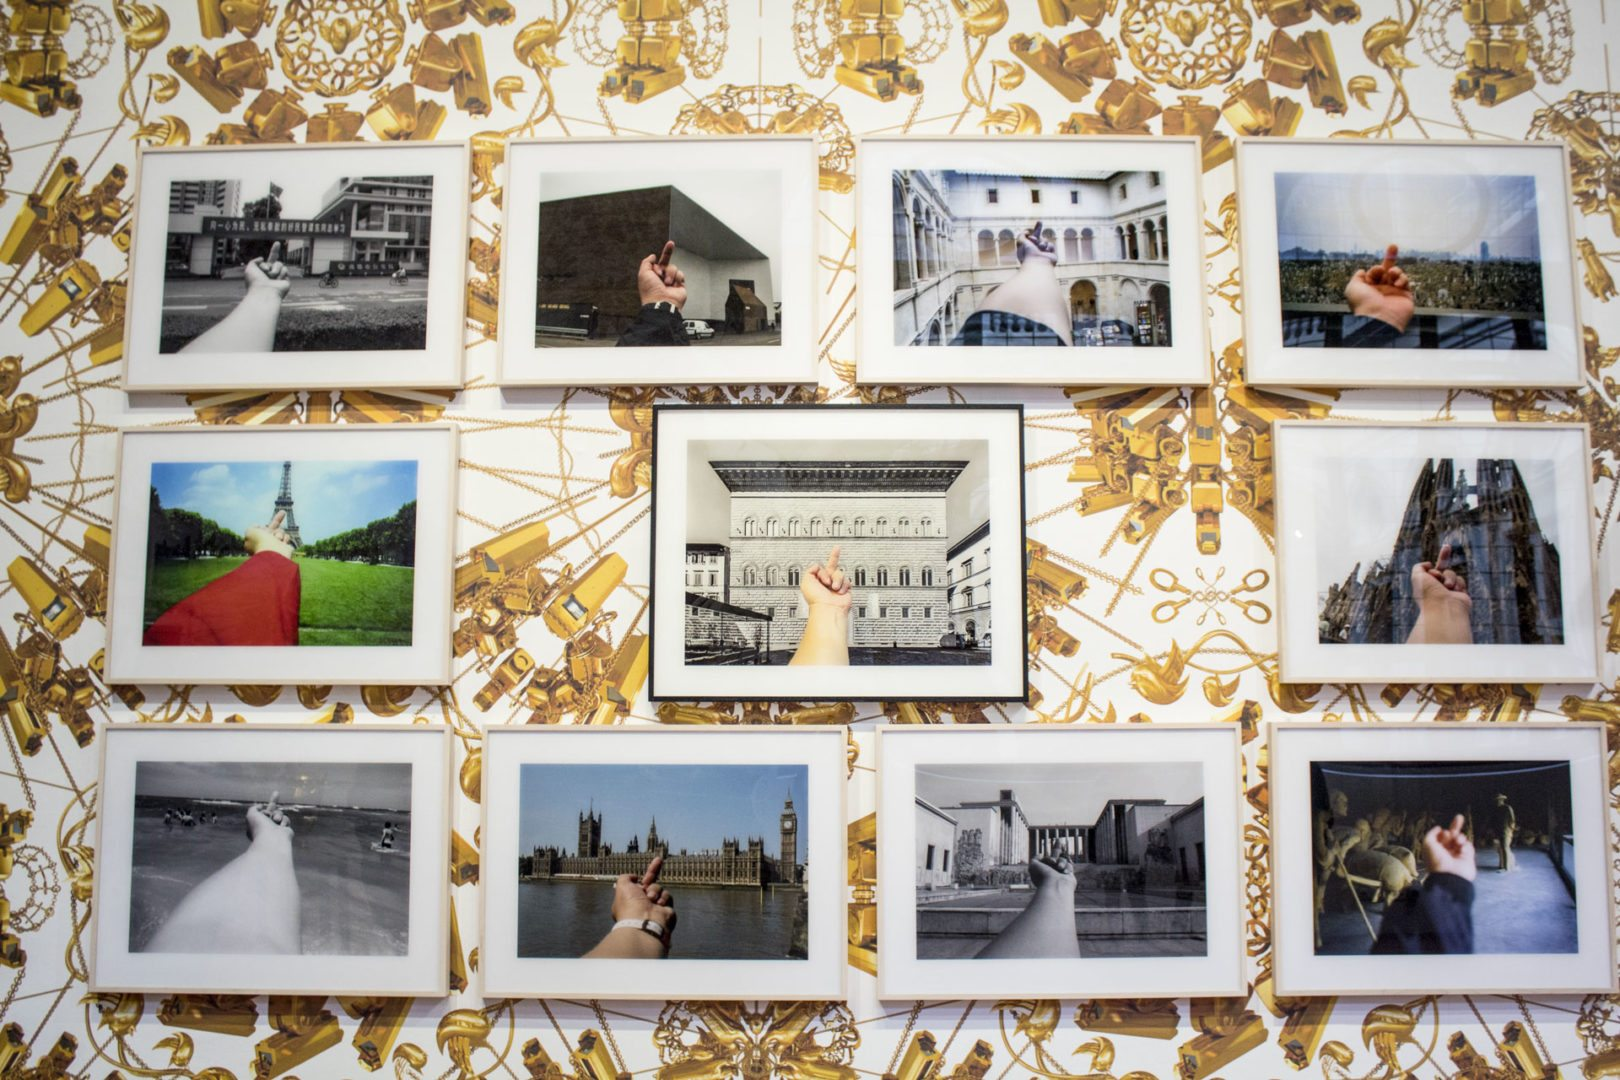 opera di ai wei wei esposta a Firenze